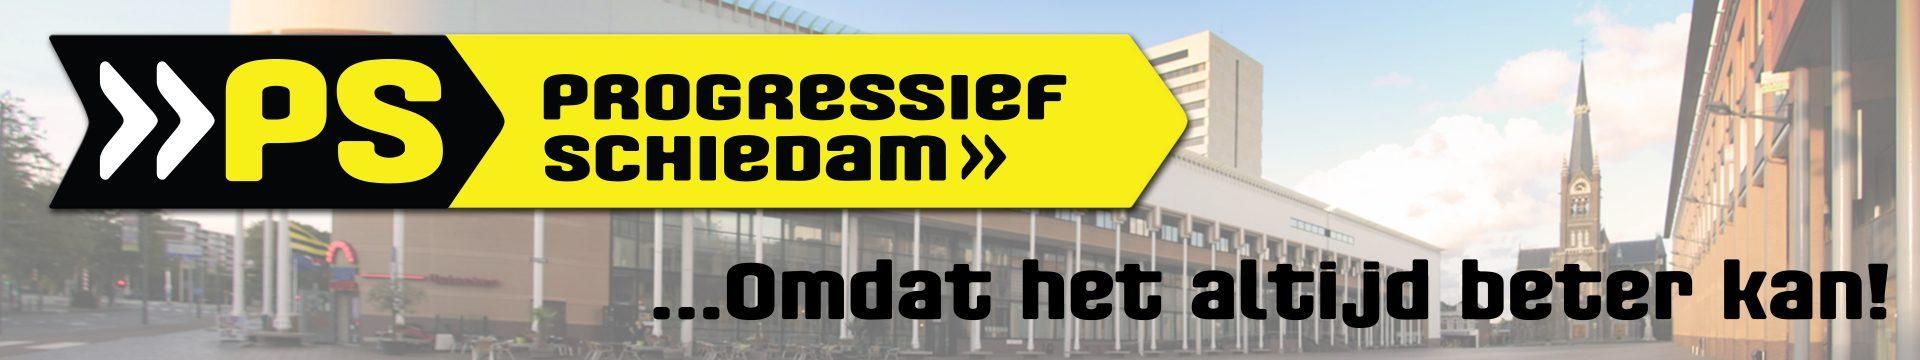 Winkelen En Uitgaan In Schiedam Centrum Progressief Schiedam